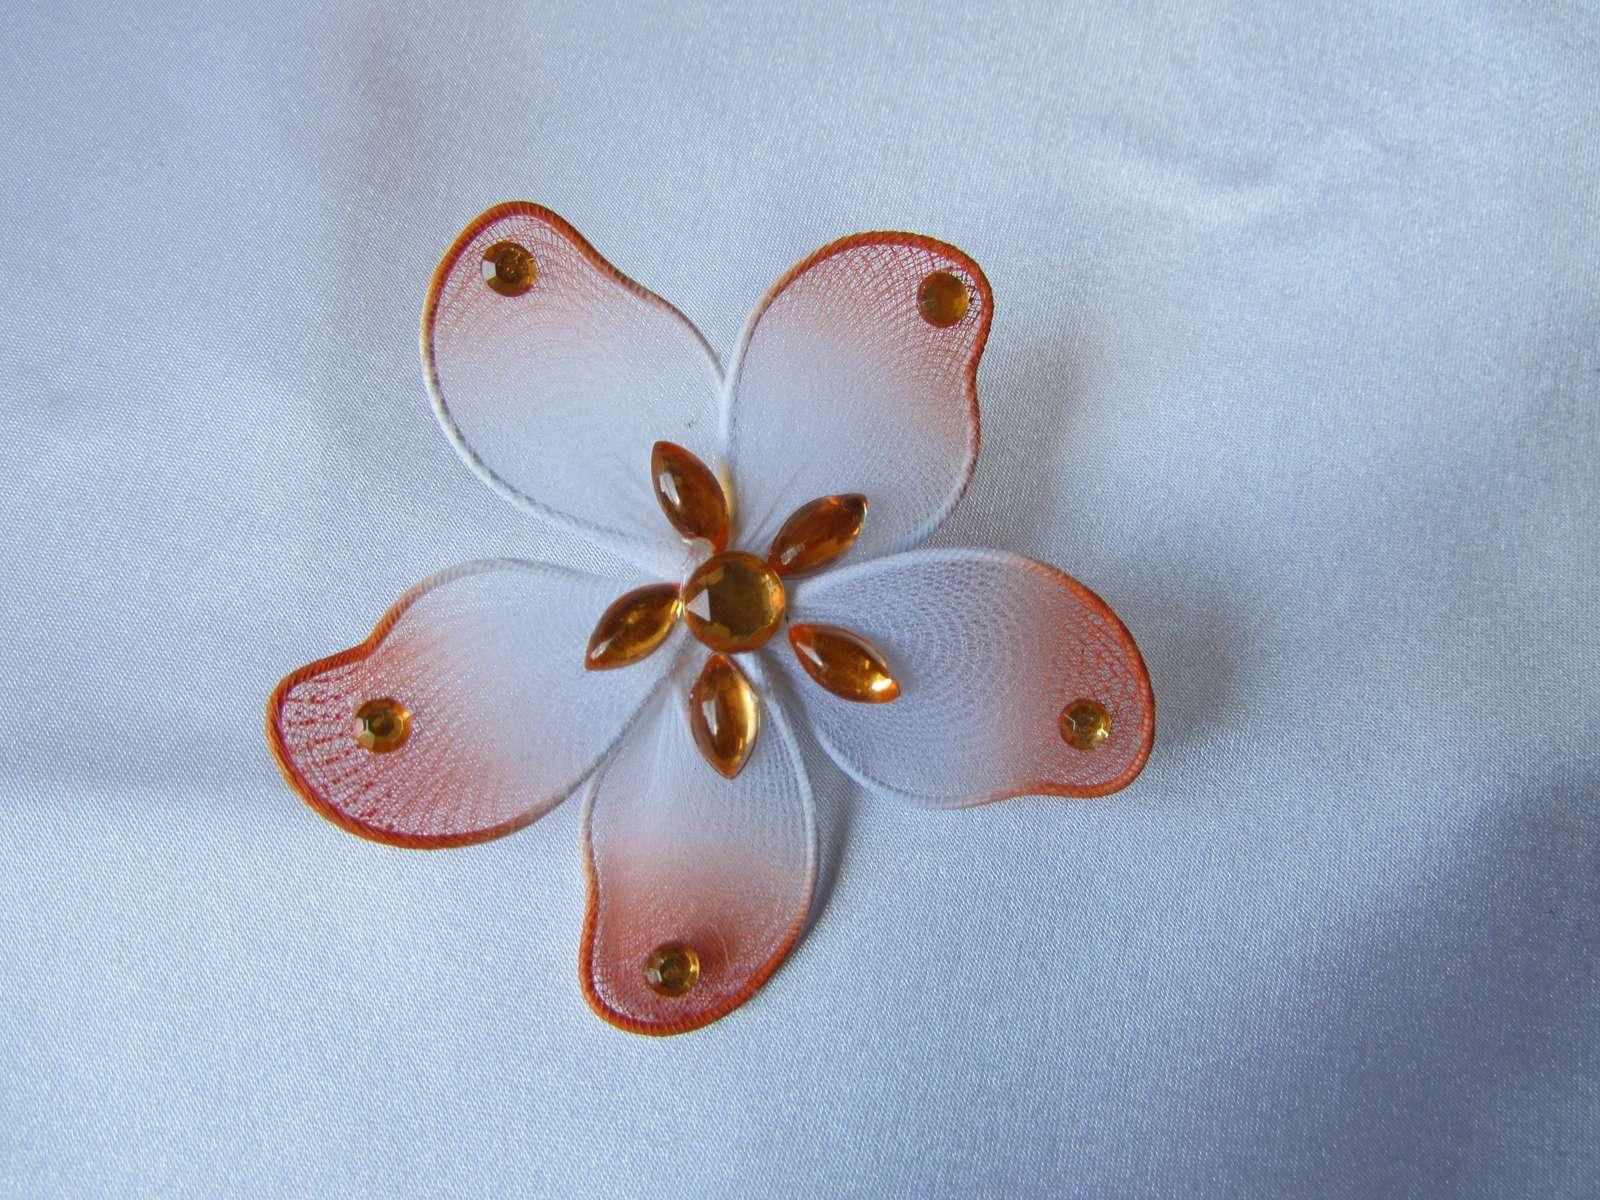 Květinka na zavíracím špendlíku - Obrázek č. 1